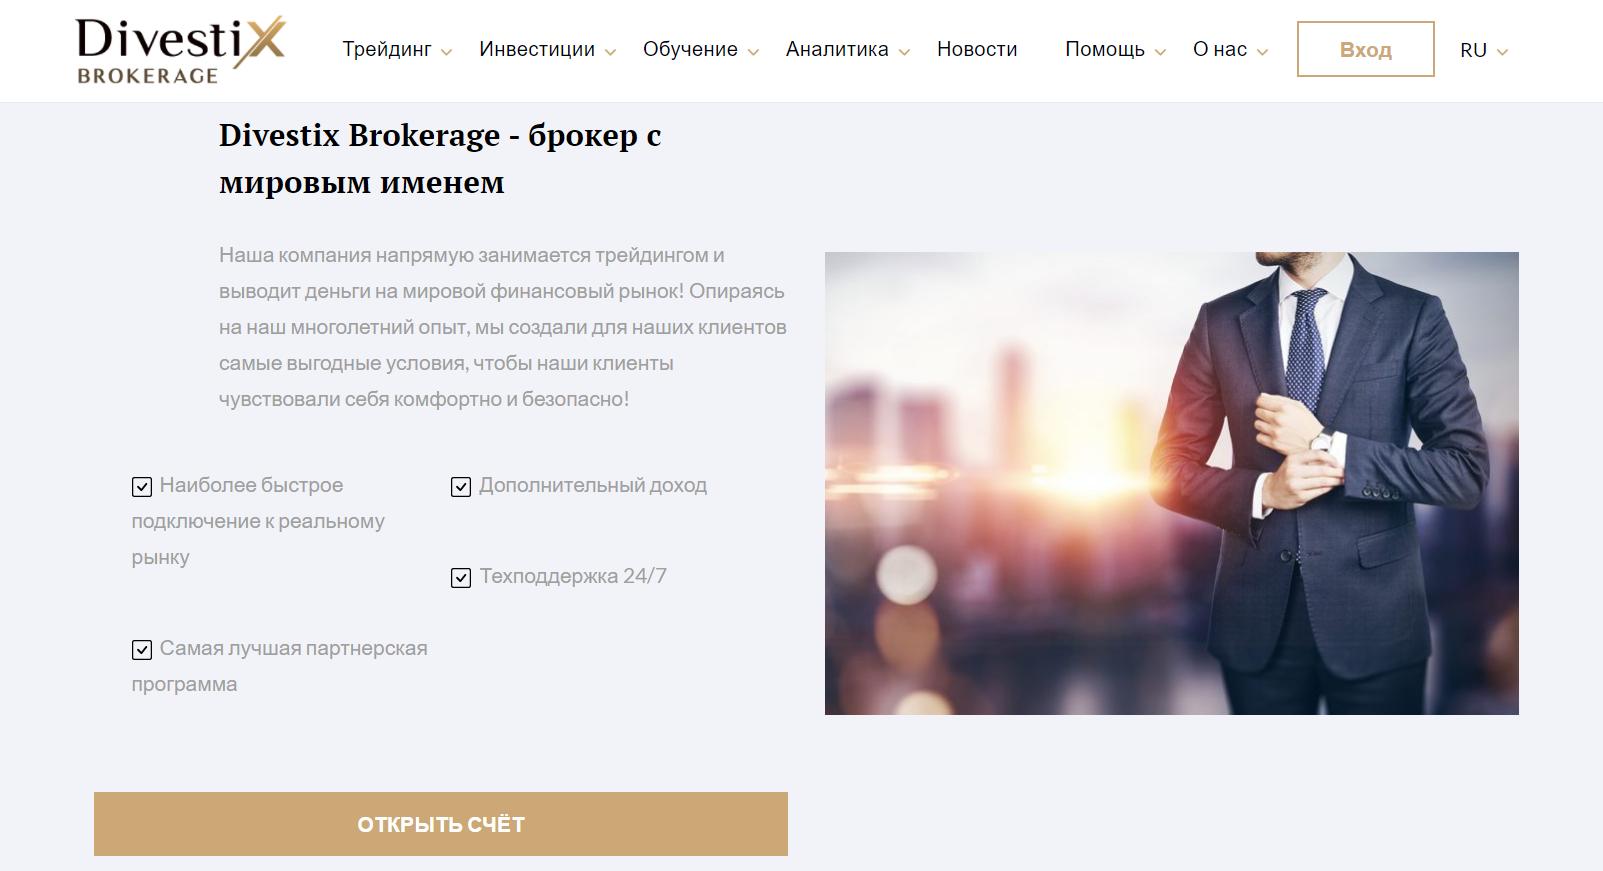 О чем рассказывает официальный сайт Divestix Brokerage?